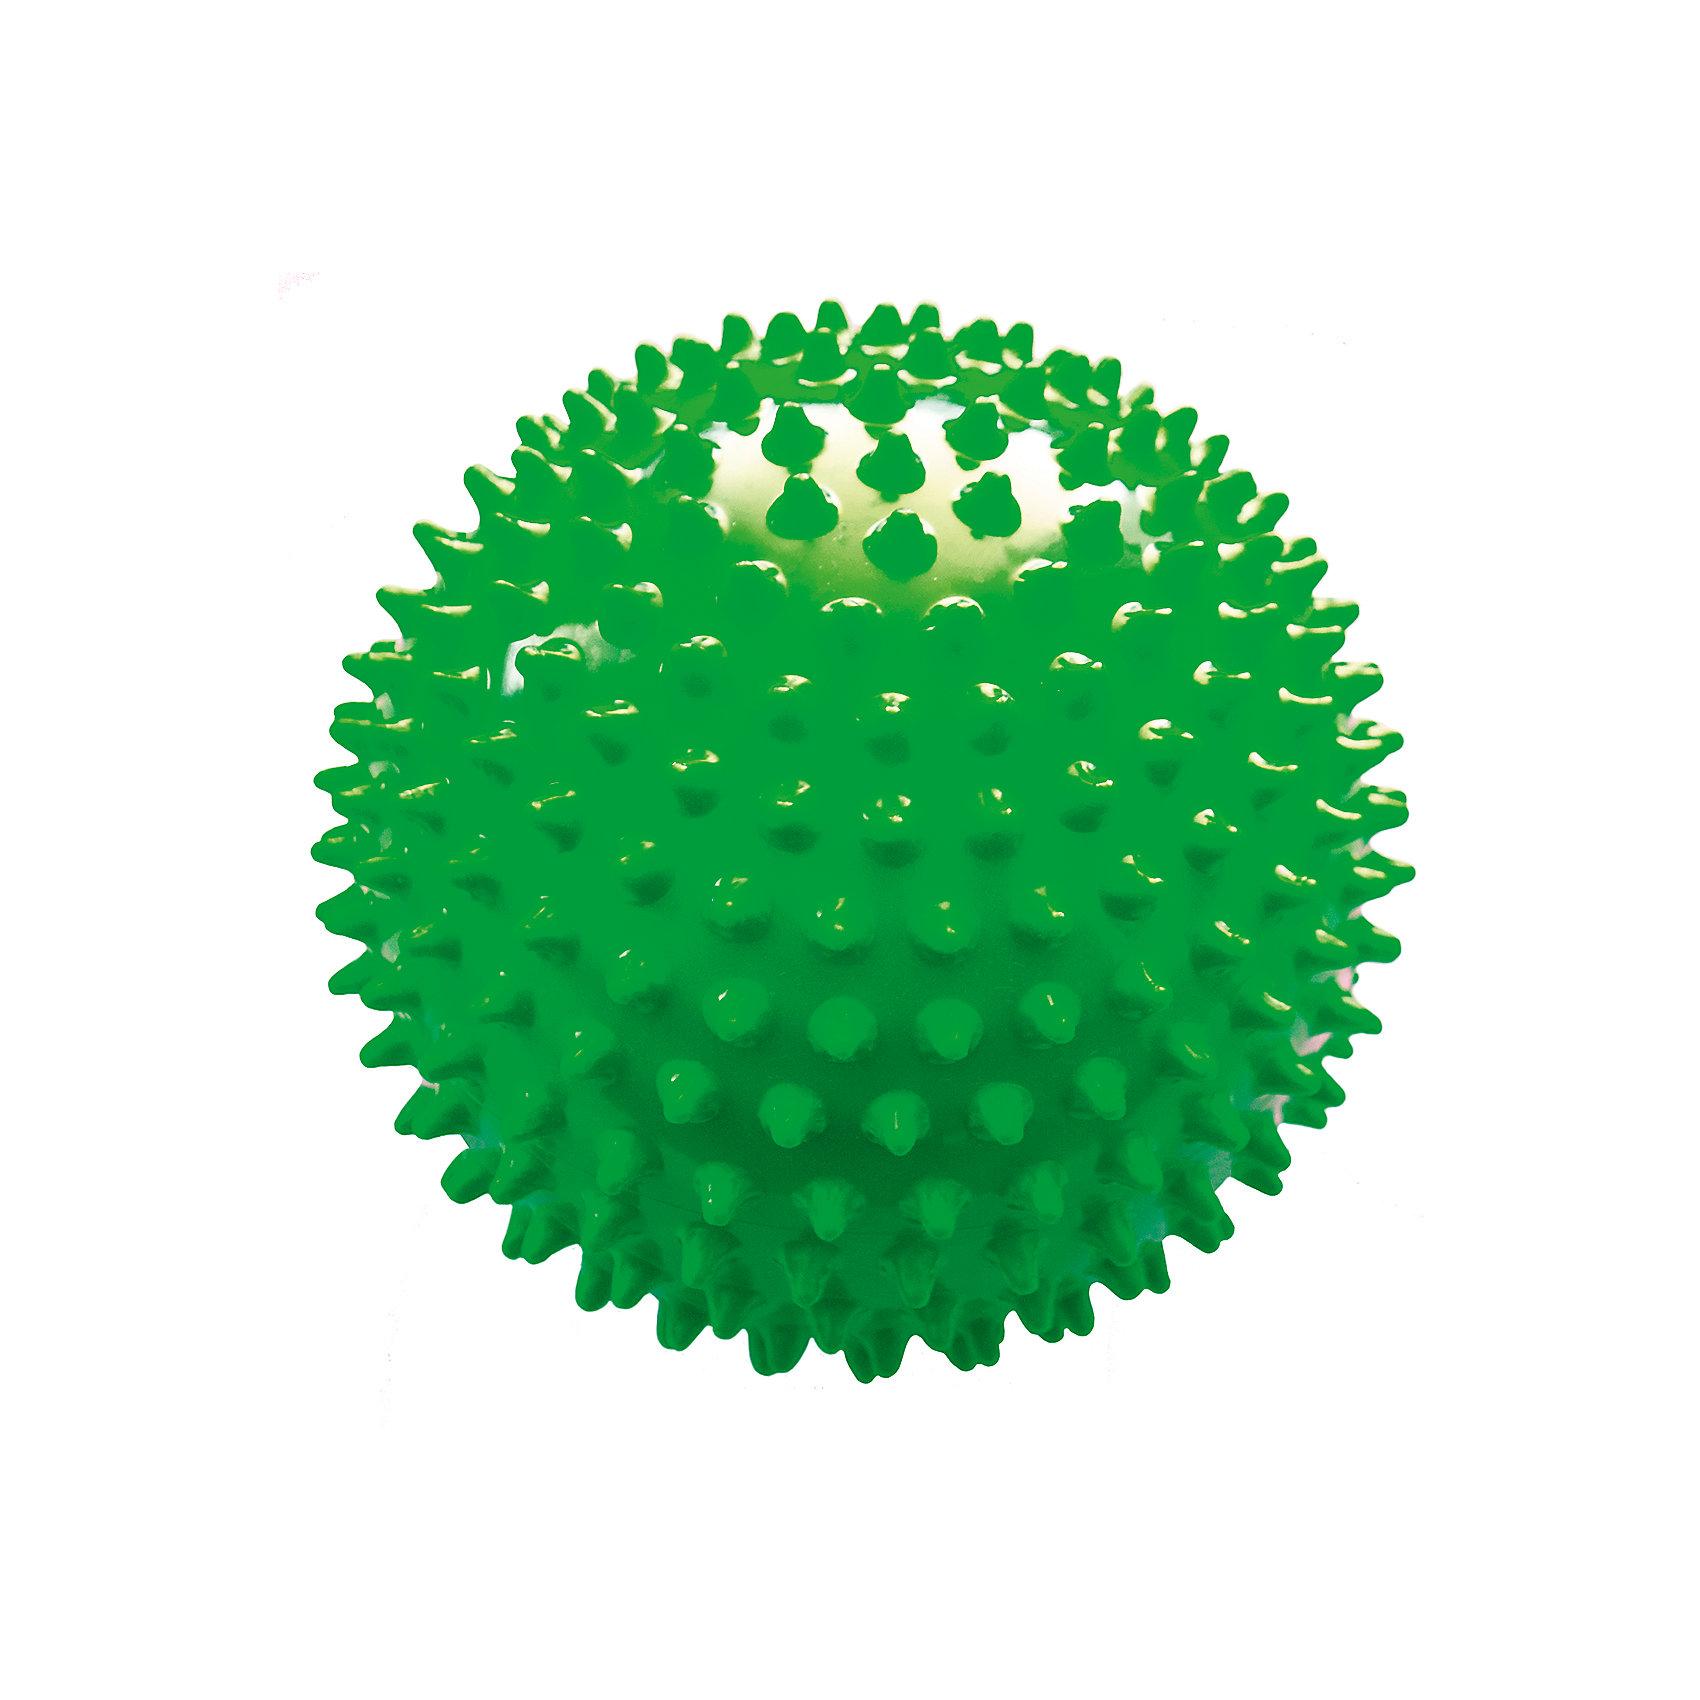 Мяч ёжик зеленый, 18 см, МалышОКМячи детские<br><br><br>Ширина мм: 210<br>Глубина мм: 180<br>Высота мм: 225<br>Вес г: 80<br>Возраст от месяцев: 6<br>Возраст до месяцев: 2147483647<br>Пол: Унисекс<br>Возраст: Детский<br>SKU: 6894028